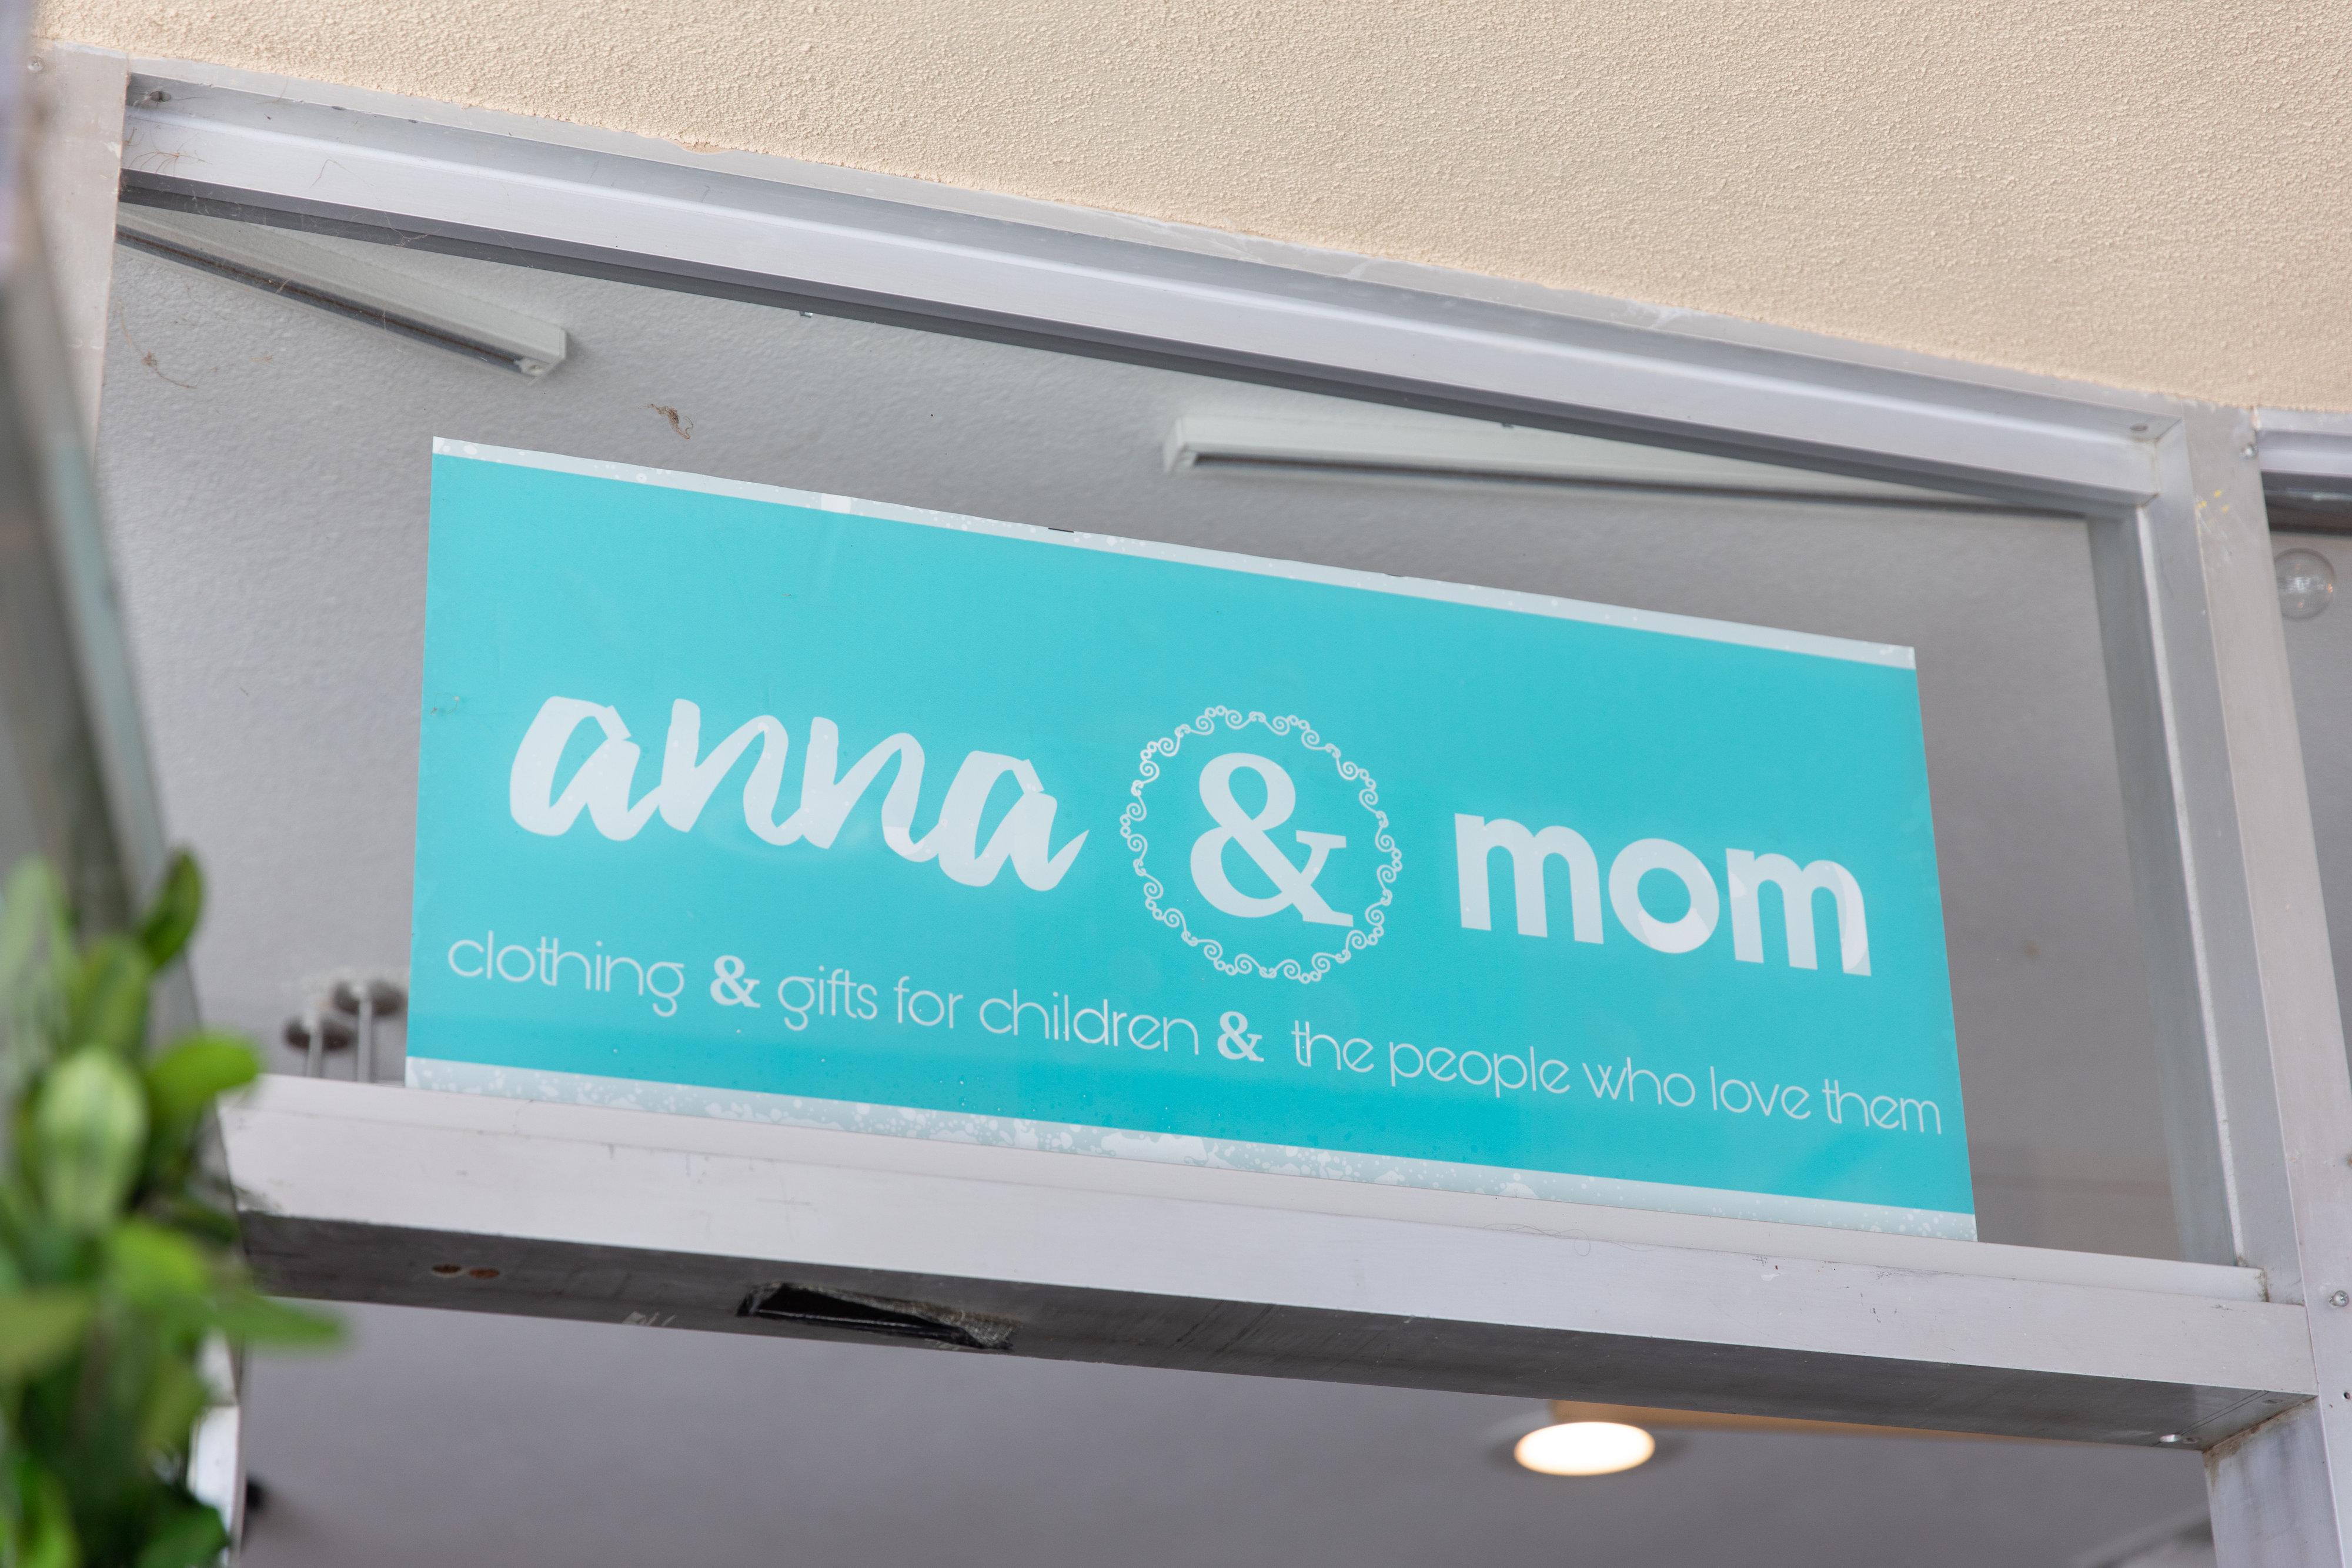 Atascader Chamber of Commerce member anna & mom